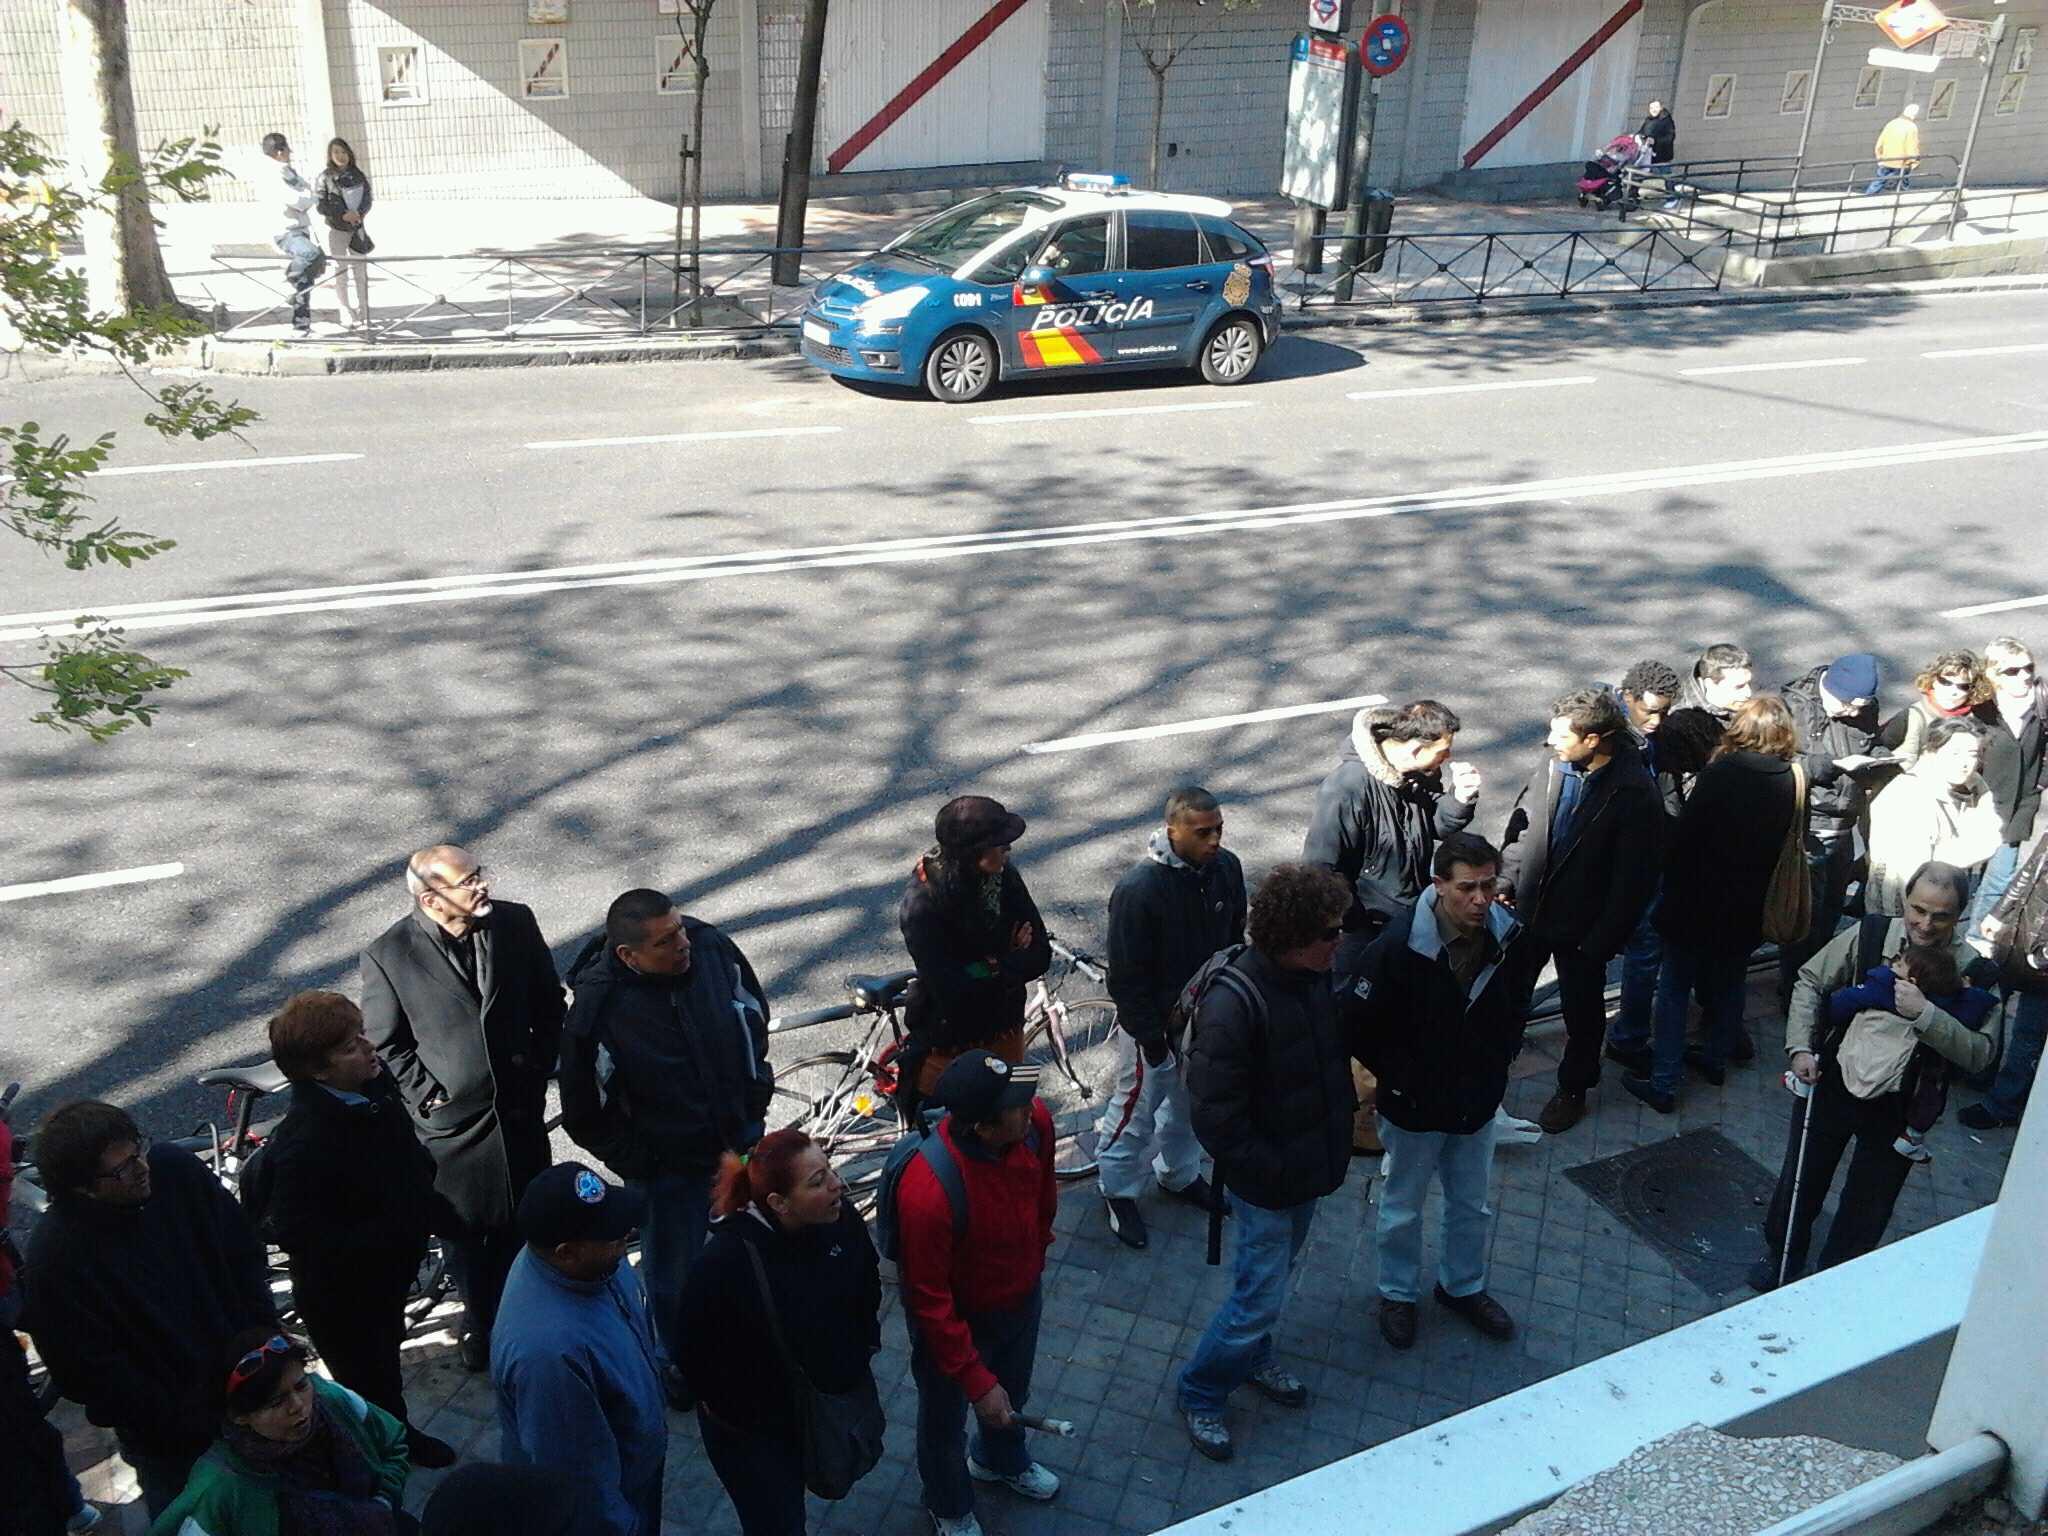 Acaba de aparcar una patrulla de policia nacional frente al #stopdesahucio en #albufera149 http://t.co/uhYR5FPc